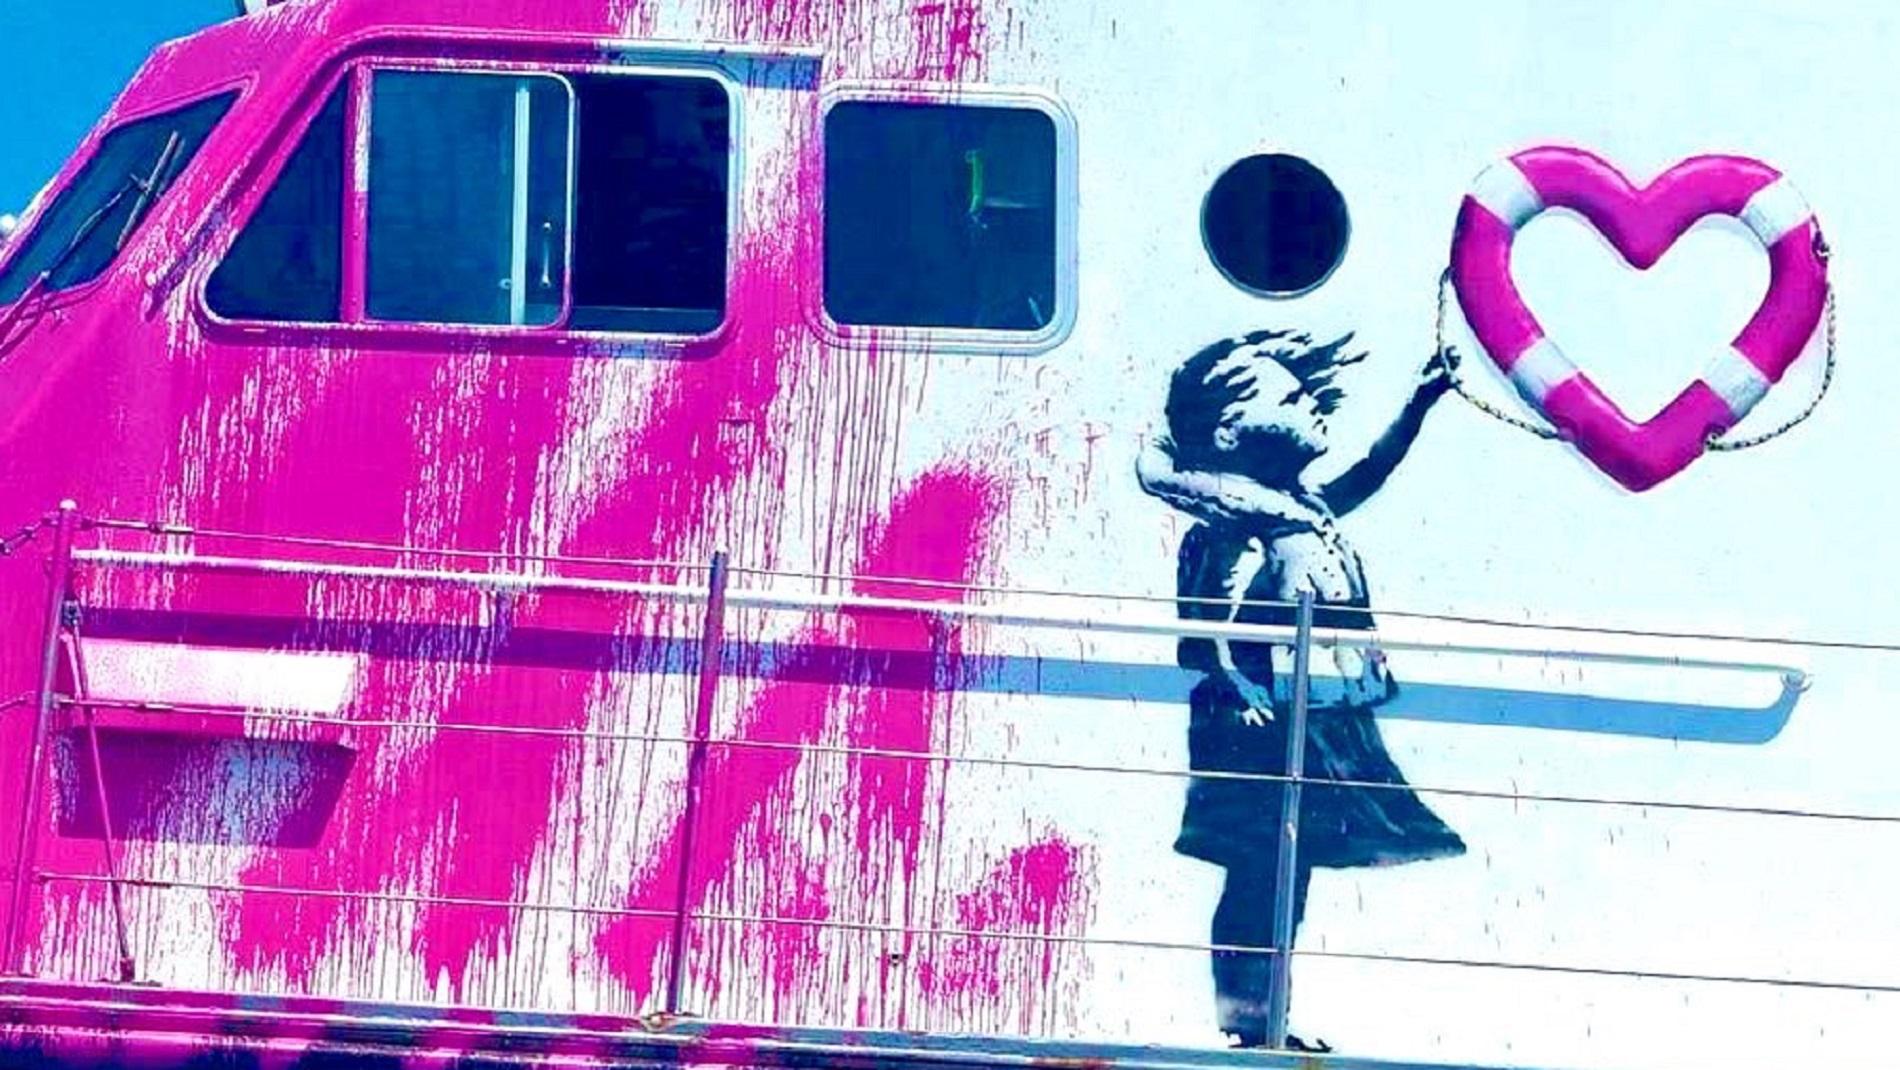 Confermato! È di Banksy la nave umanitaria che ha appena salvato 89 migranti